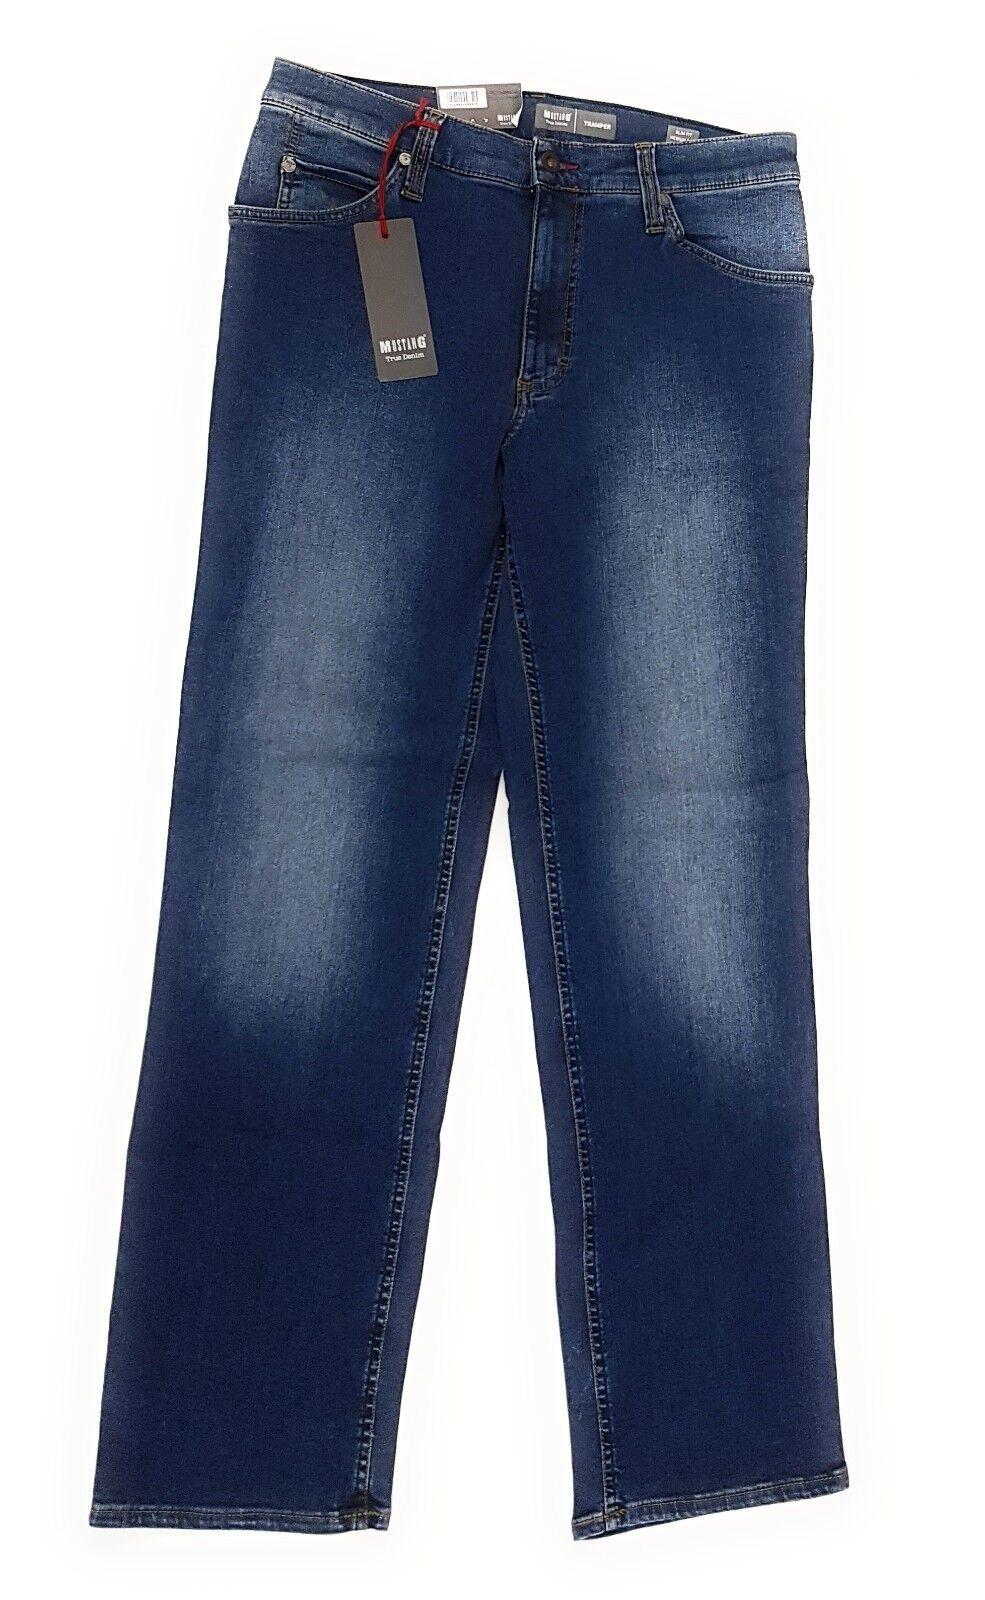 MUSTANG Herren Jeanshose Tramper Slim Medium Straight 1004879 Jeans Blau Blau    Neue Sorten werden eingeführt